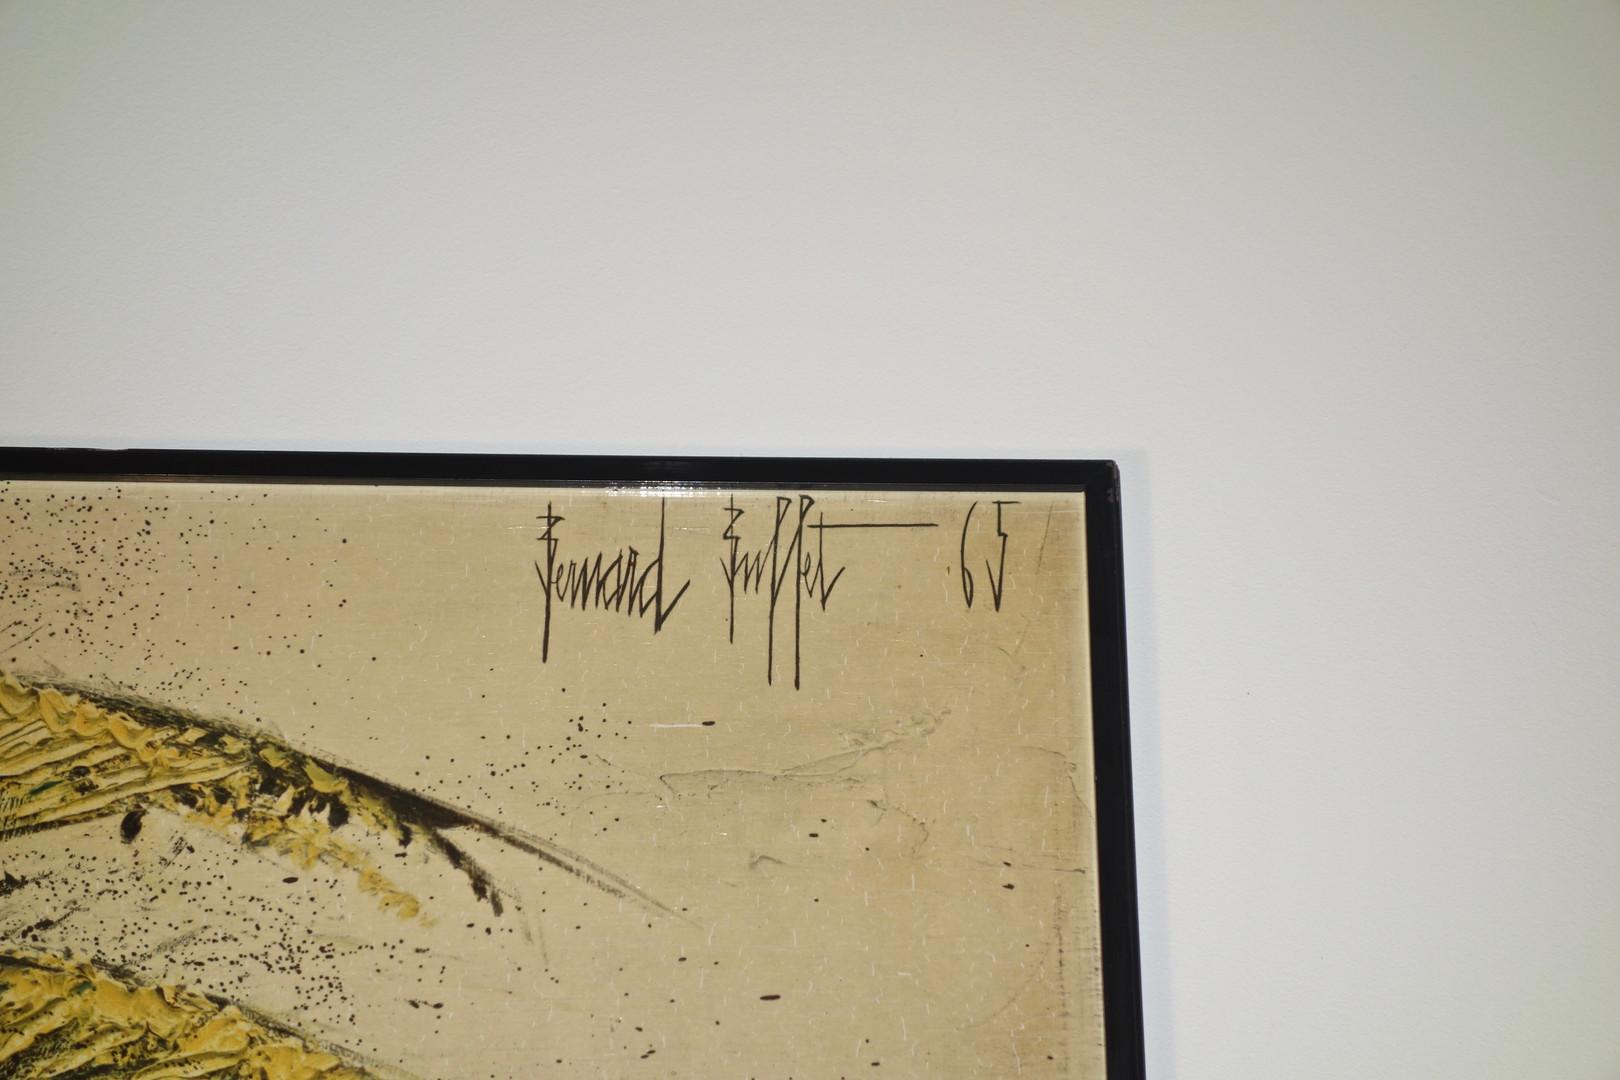 Héliogravure Ombelles et Delphiniums par Bernard Buffet pour Les Editions Braun de 1965